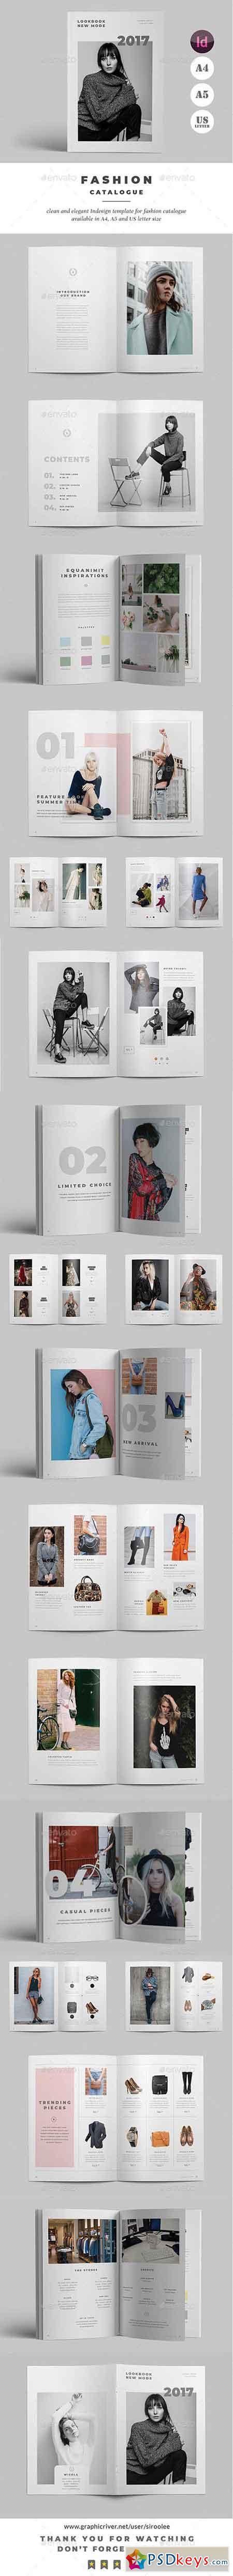 Fashion Catalogue 19585474